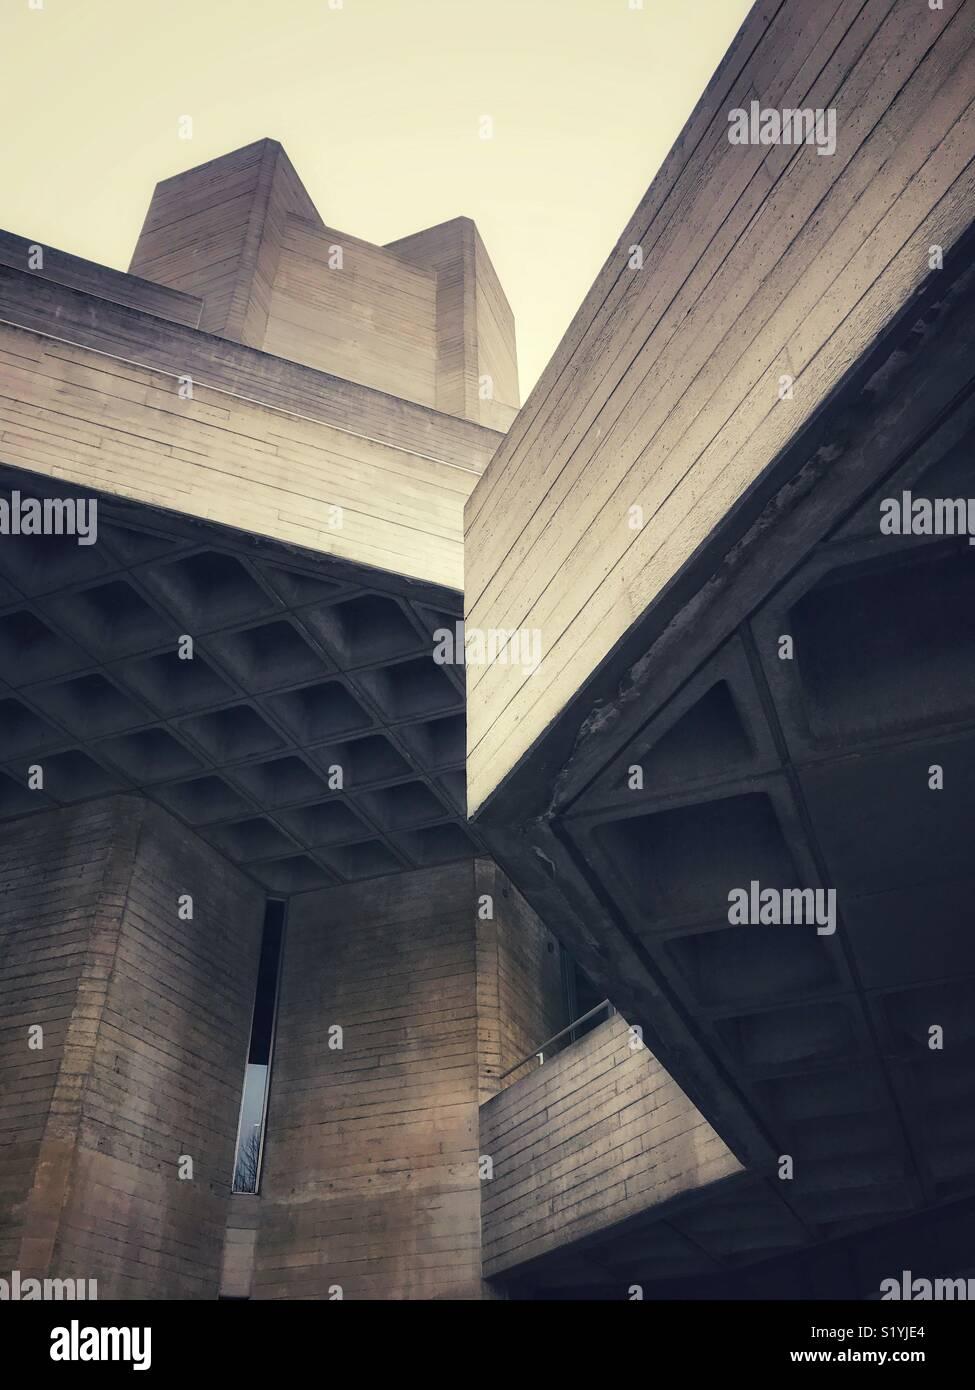 50er Jahre Architektur Stockfotos & 50er Jahre Architektur